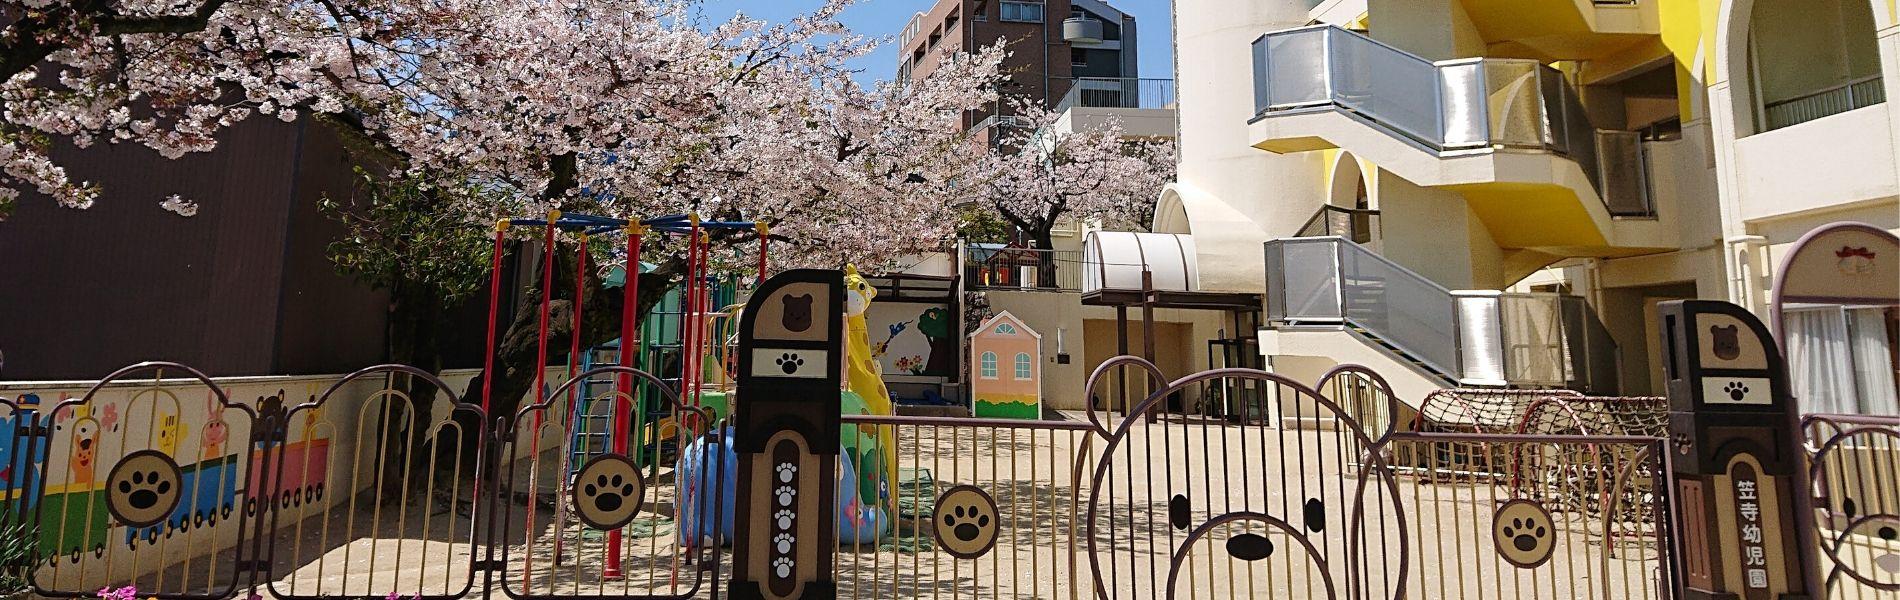 法人・笠寺幼児園 園舎